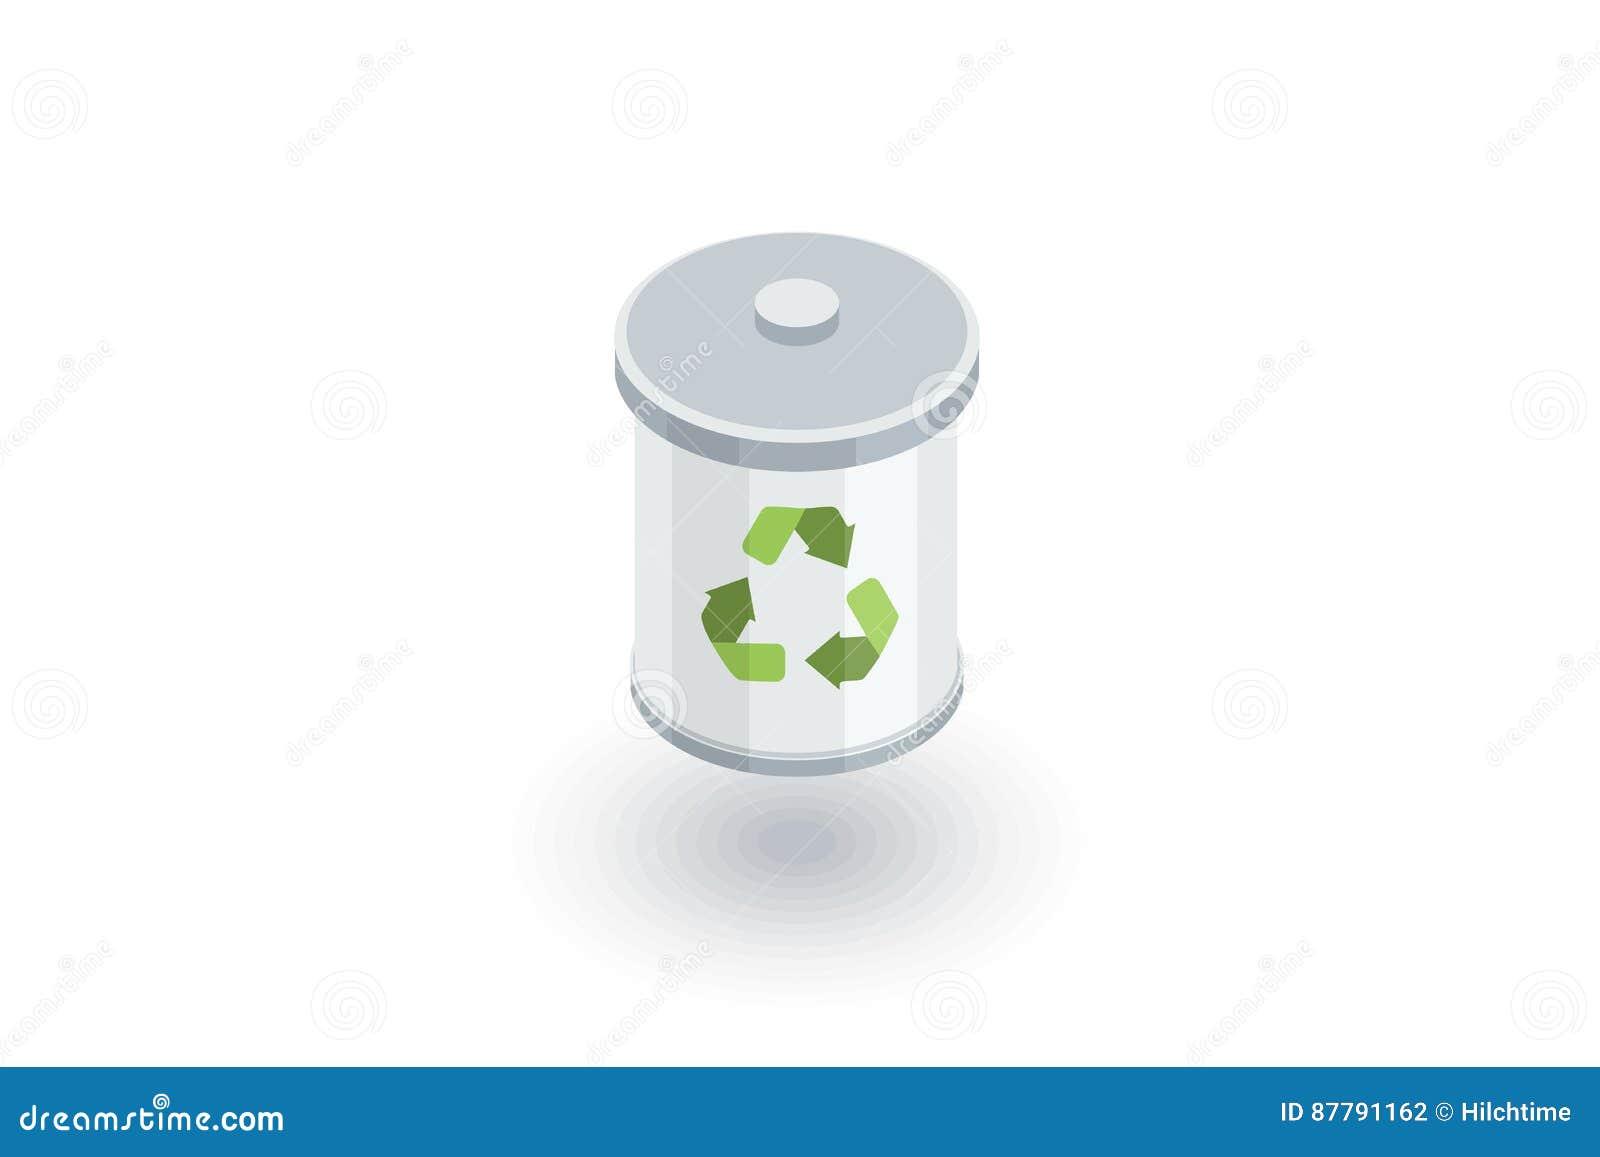 Basura que recicla el icono plano isométrico vector 3d